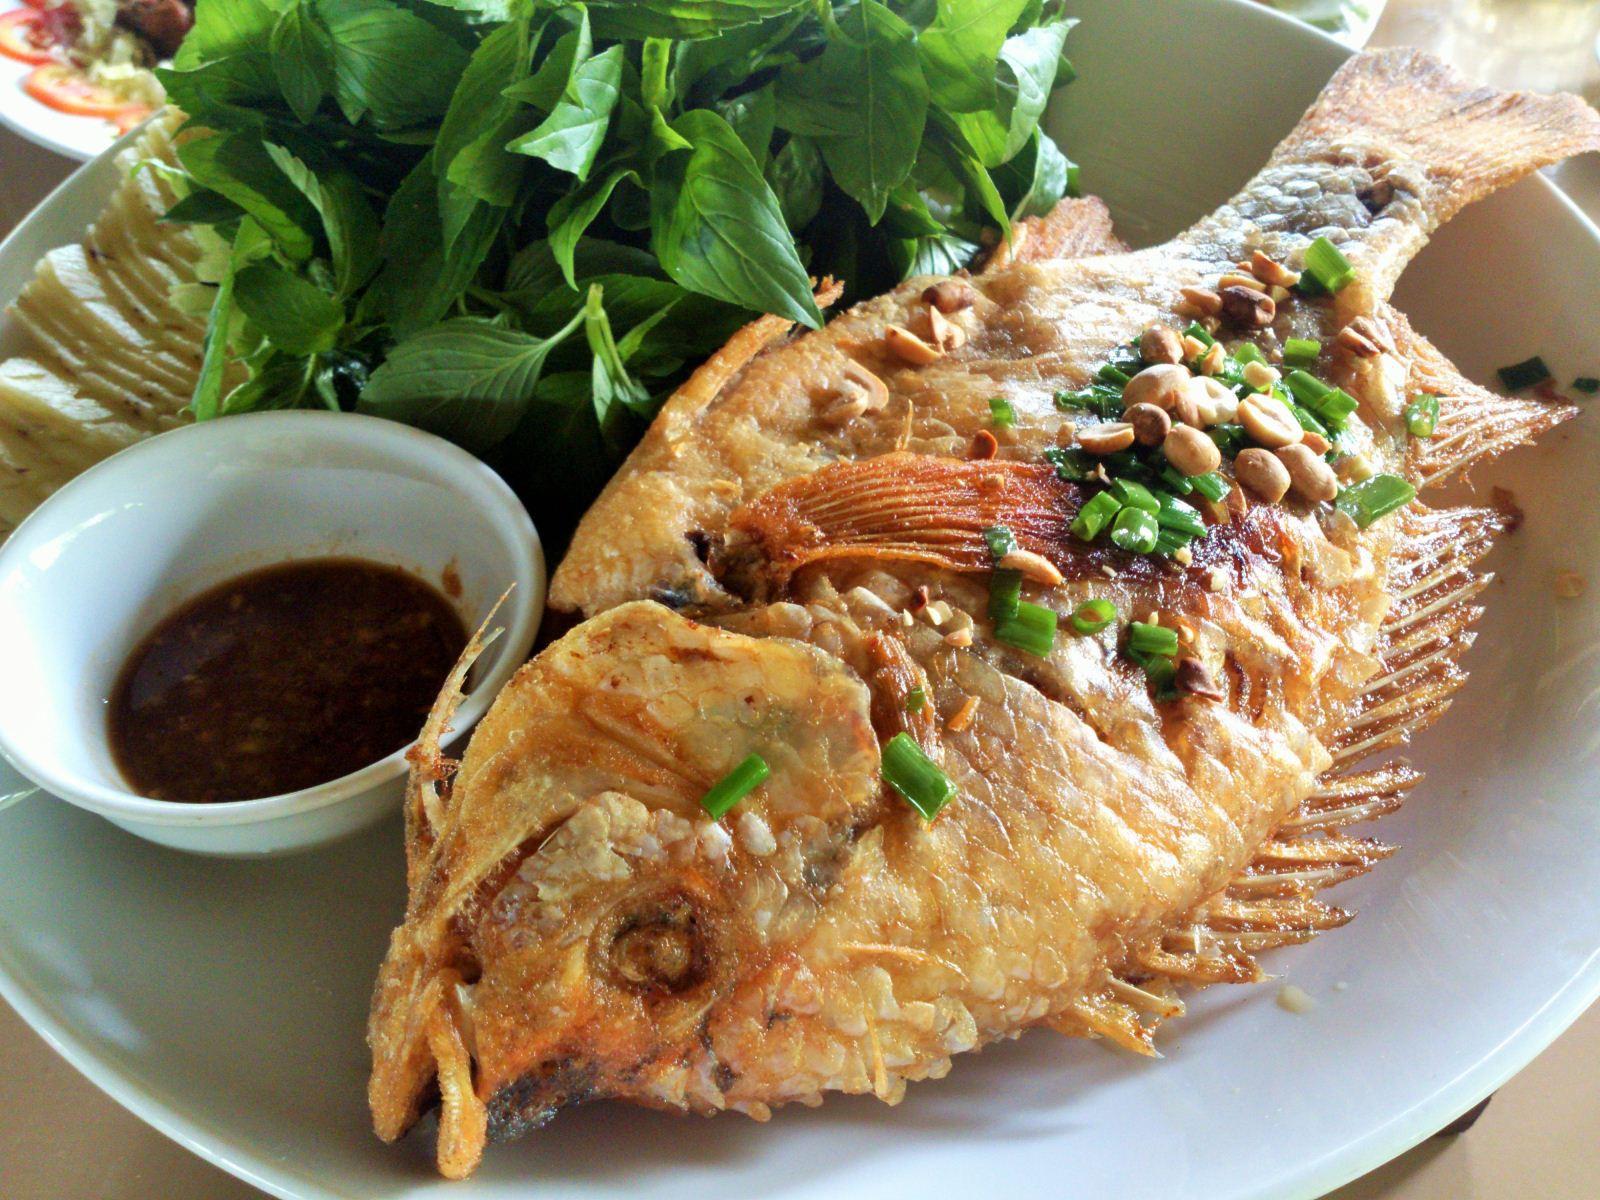 Chuyên gia chỉ cách làm món cá rán 'cực phẩm', giữ trọn vẹn dinh dưỡng lại tránh được ung thư - Ảnh 1.